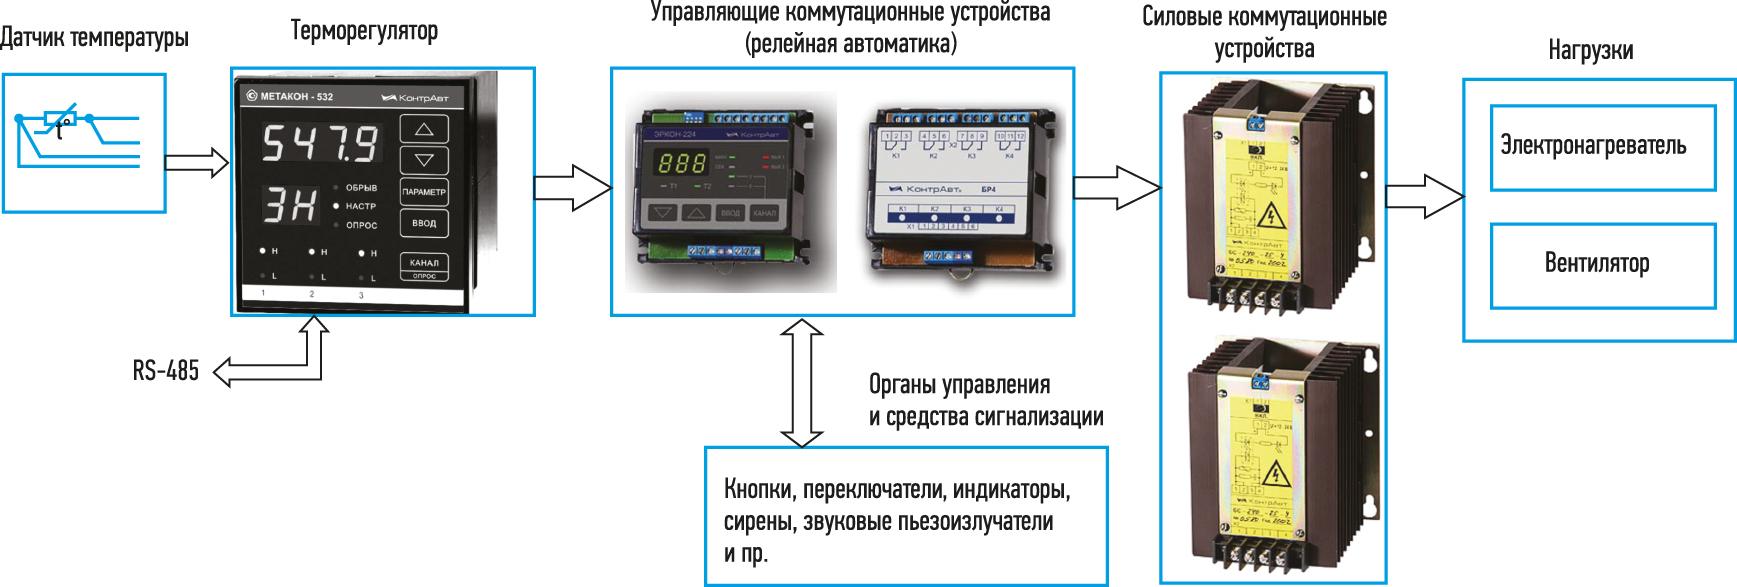 Структурная схема локальной АСУ ТП с реализацией одноканального двухпозиционного регулирования